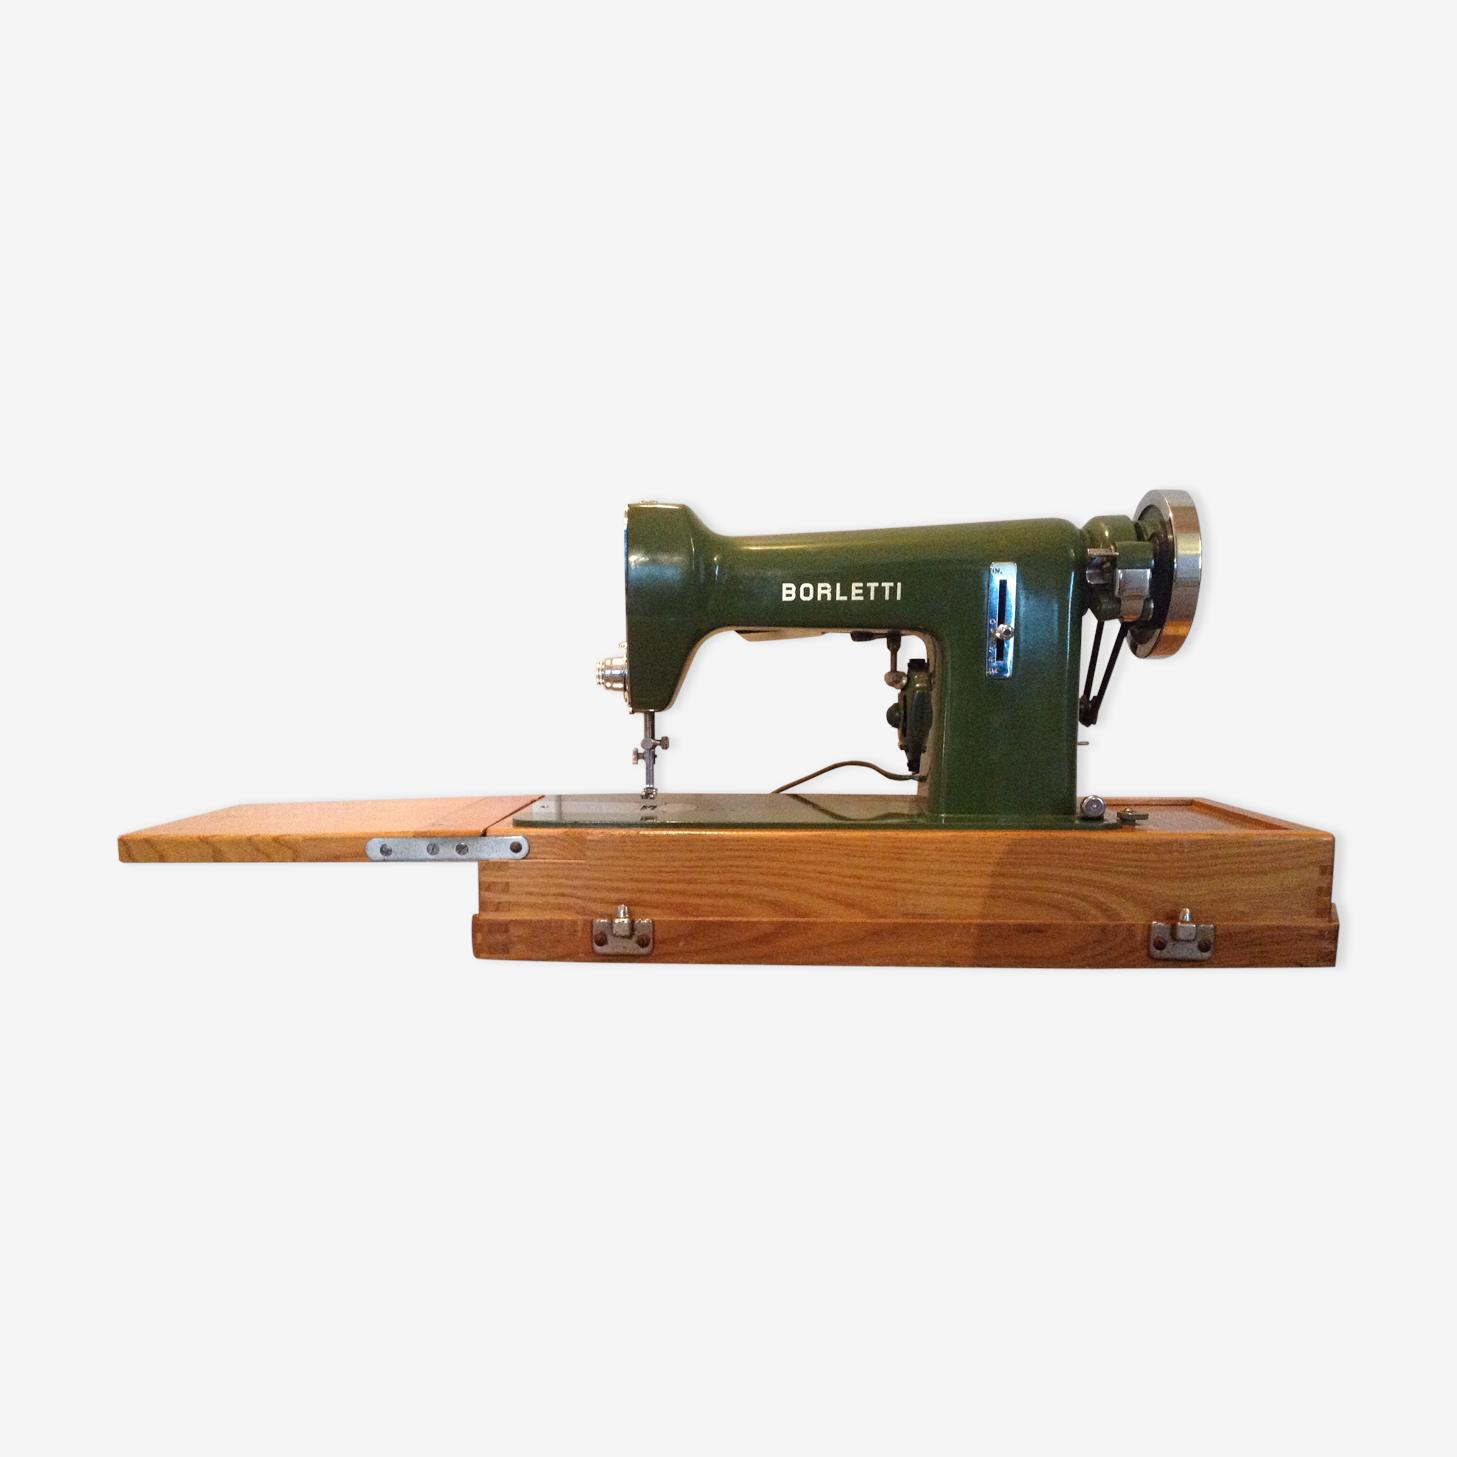 Machine à coudre italienne Borletti vintage